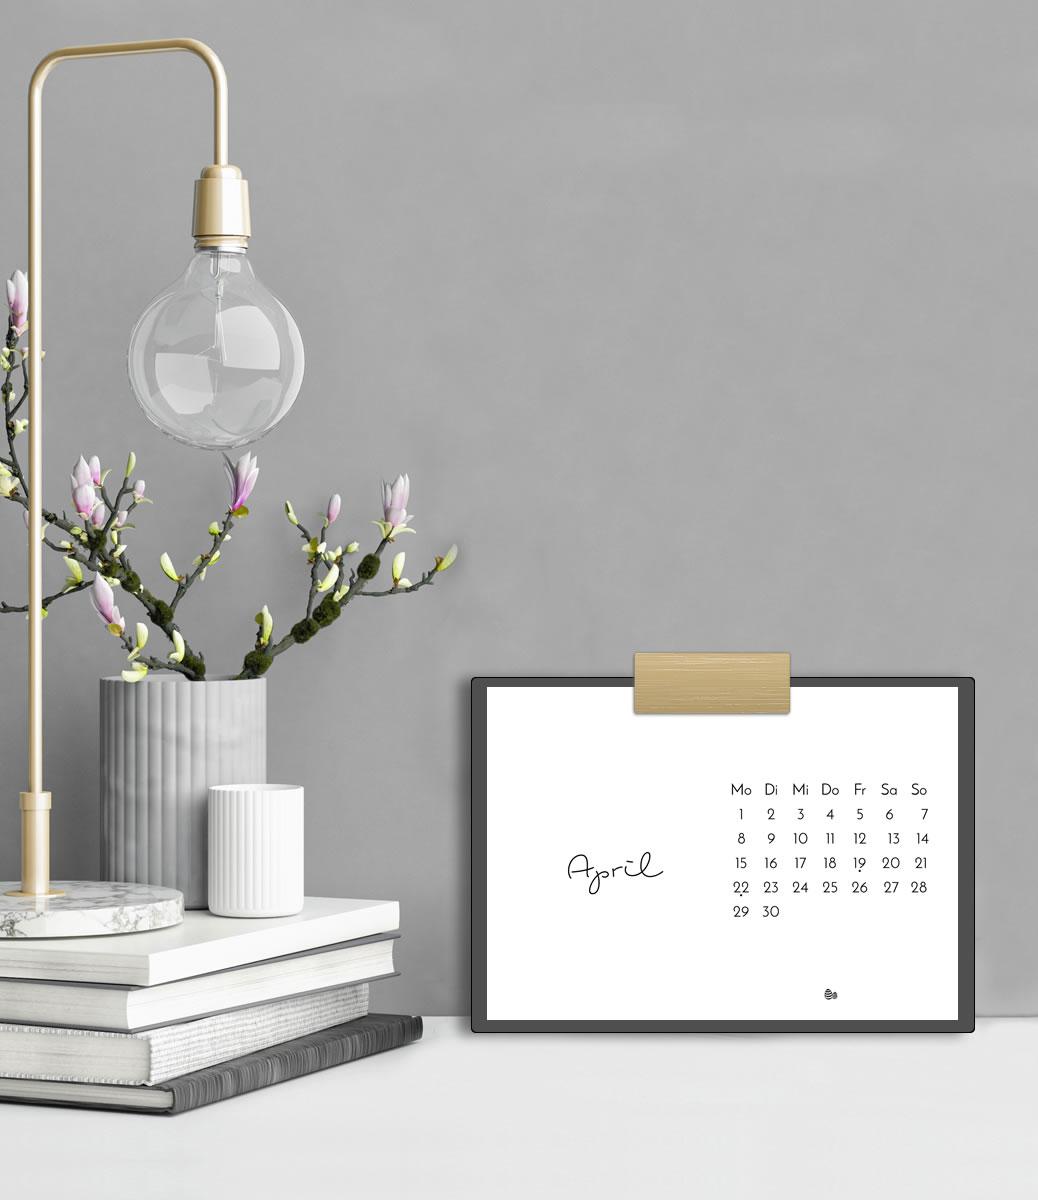 Minimalistischer Tischkalender 2019 mit Feiertagen (Druckvorlage/Printable, A5) | Stylischer Schreibtisch-Helfer & Arbeitszimmer-Deko | Filizity.com | Interior- & DIY-Blog und Shop #kalender #calendar